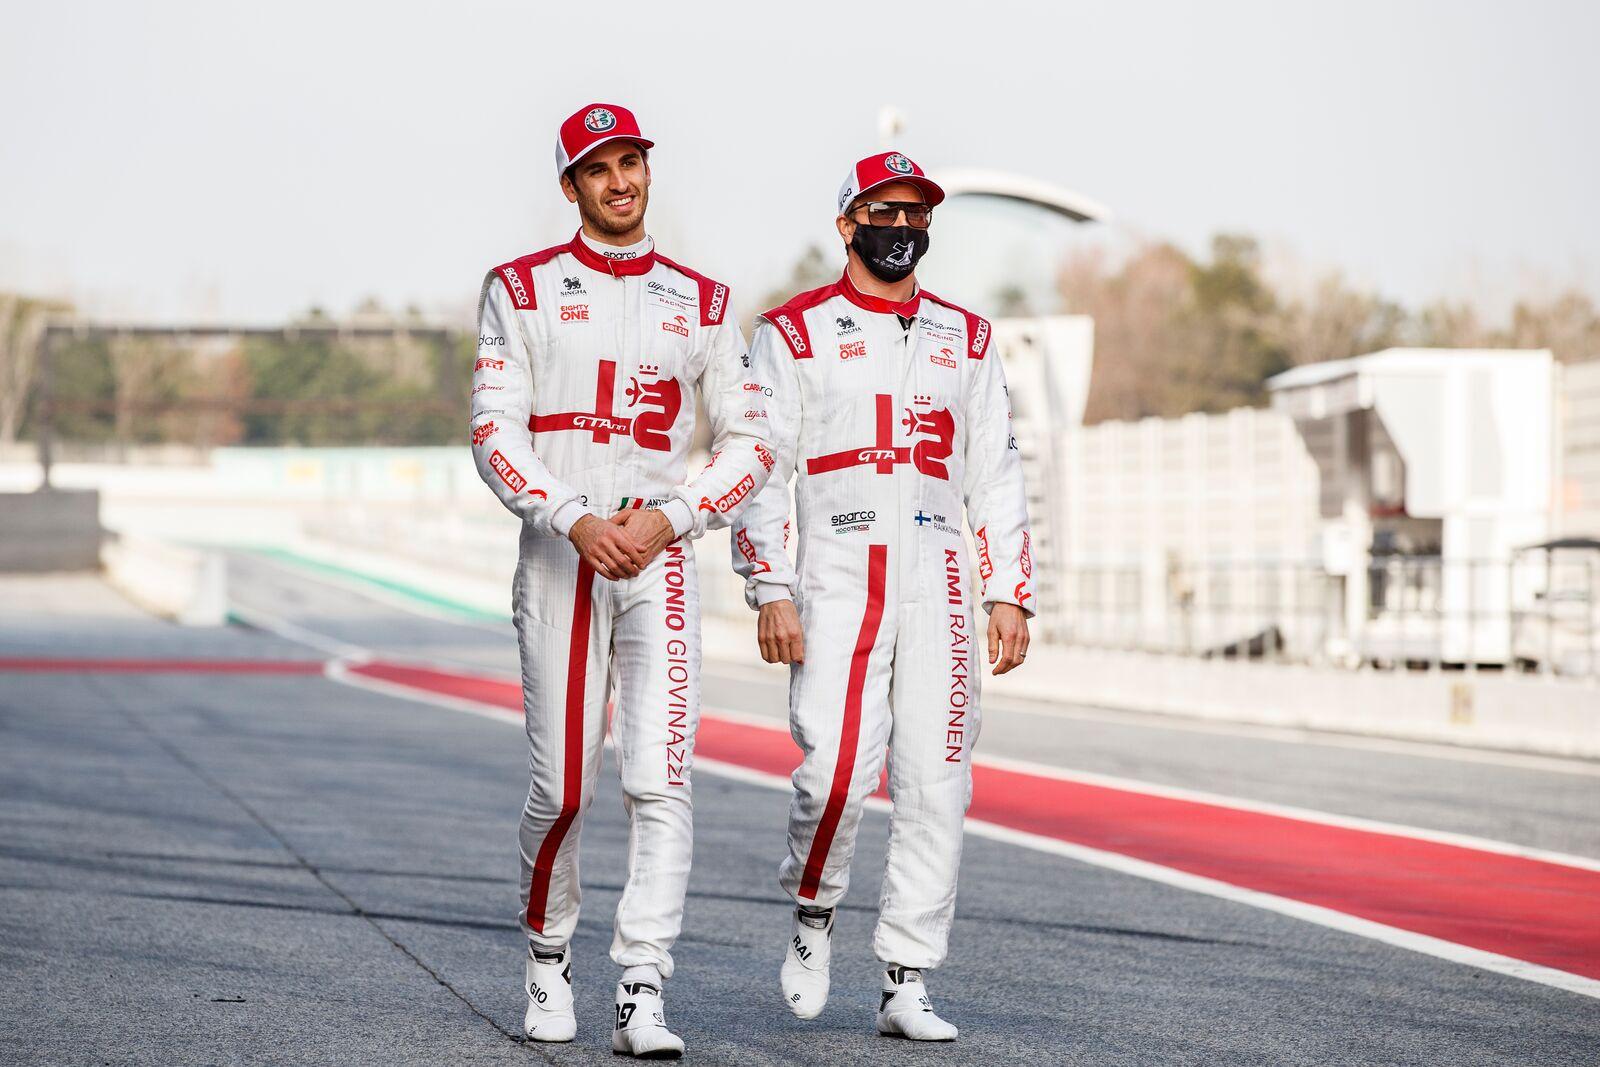 Az állandó pilóták is jelen voltak Barcelonában, ám sem Antonio Giovinazzi, sem Kimi Räikkönen nem vezethette az új autót. Nekik az előszezoni tesztig várniuk kell.<br /><br />Fotó:Xavi Bonilla / DPPI (Alfa Romeo Racing Media)<br /><br />